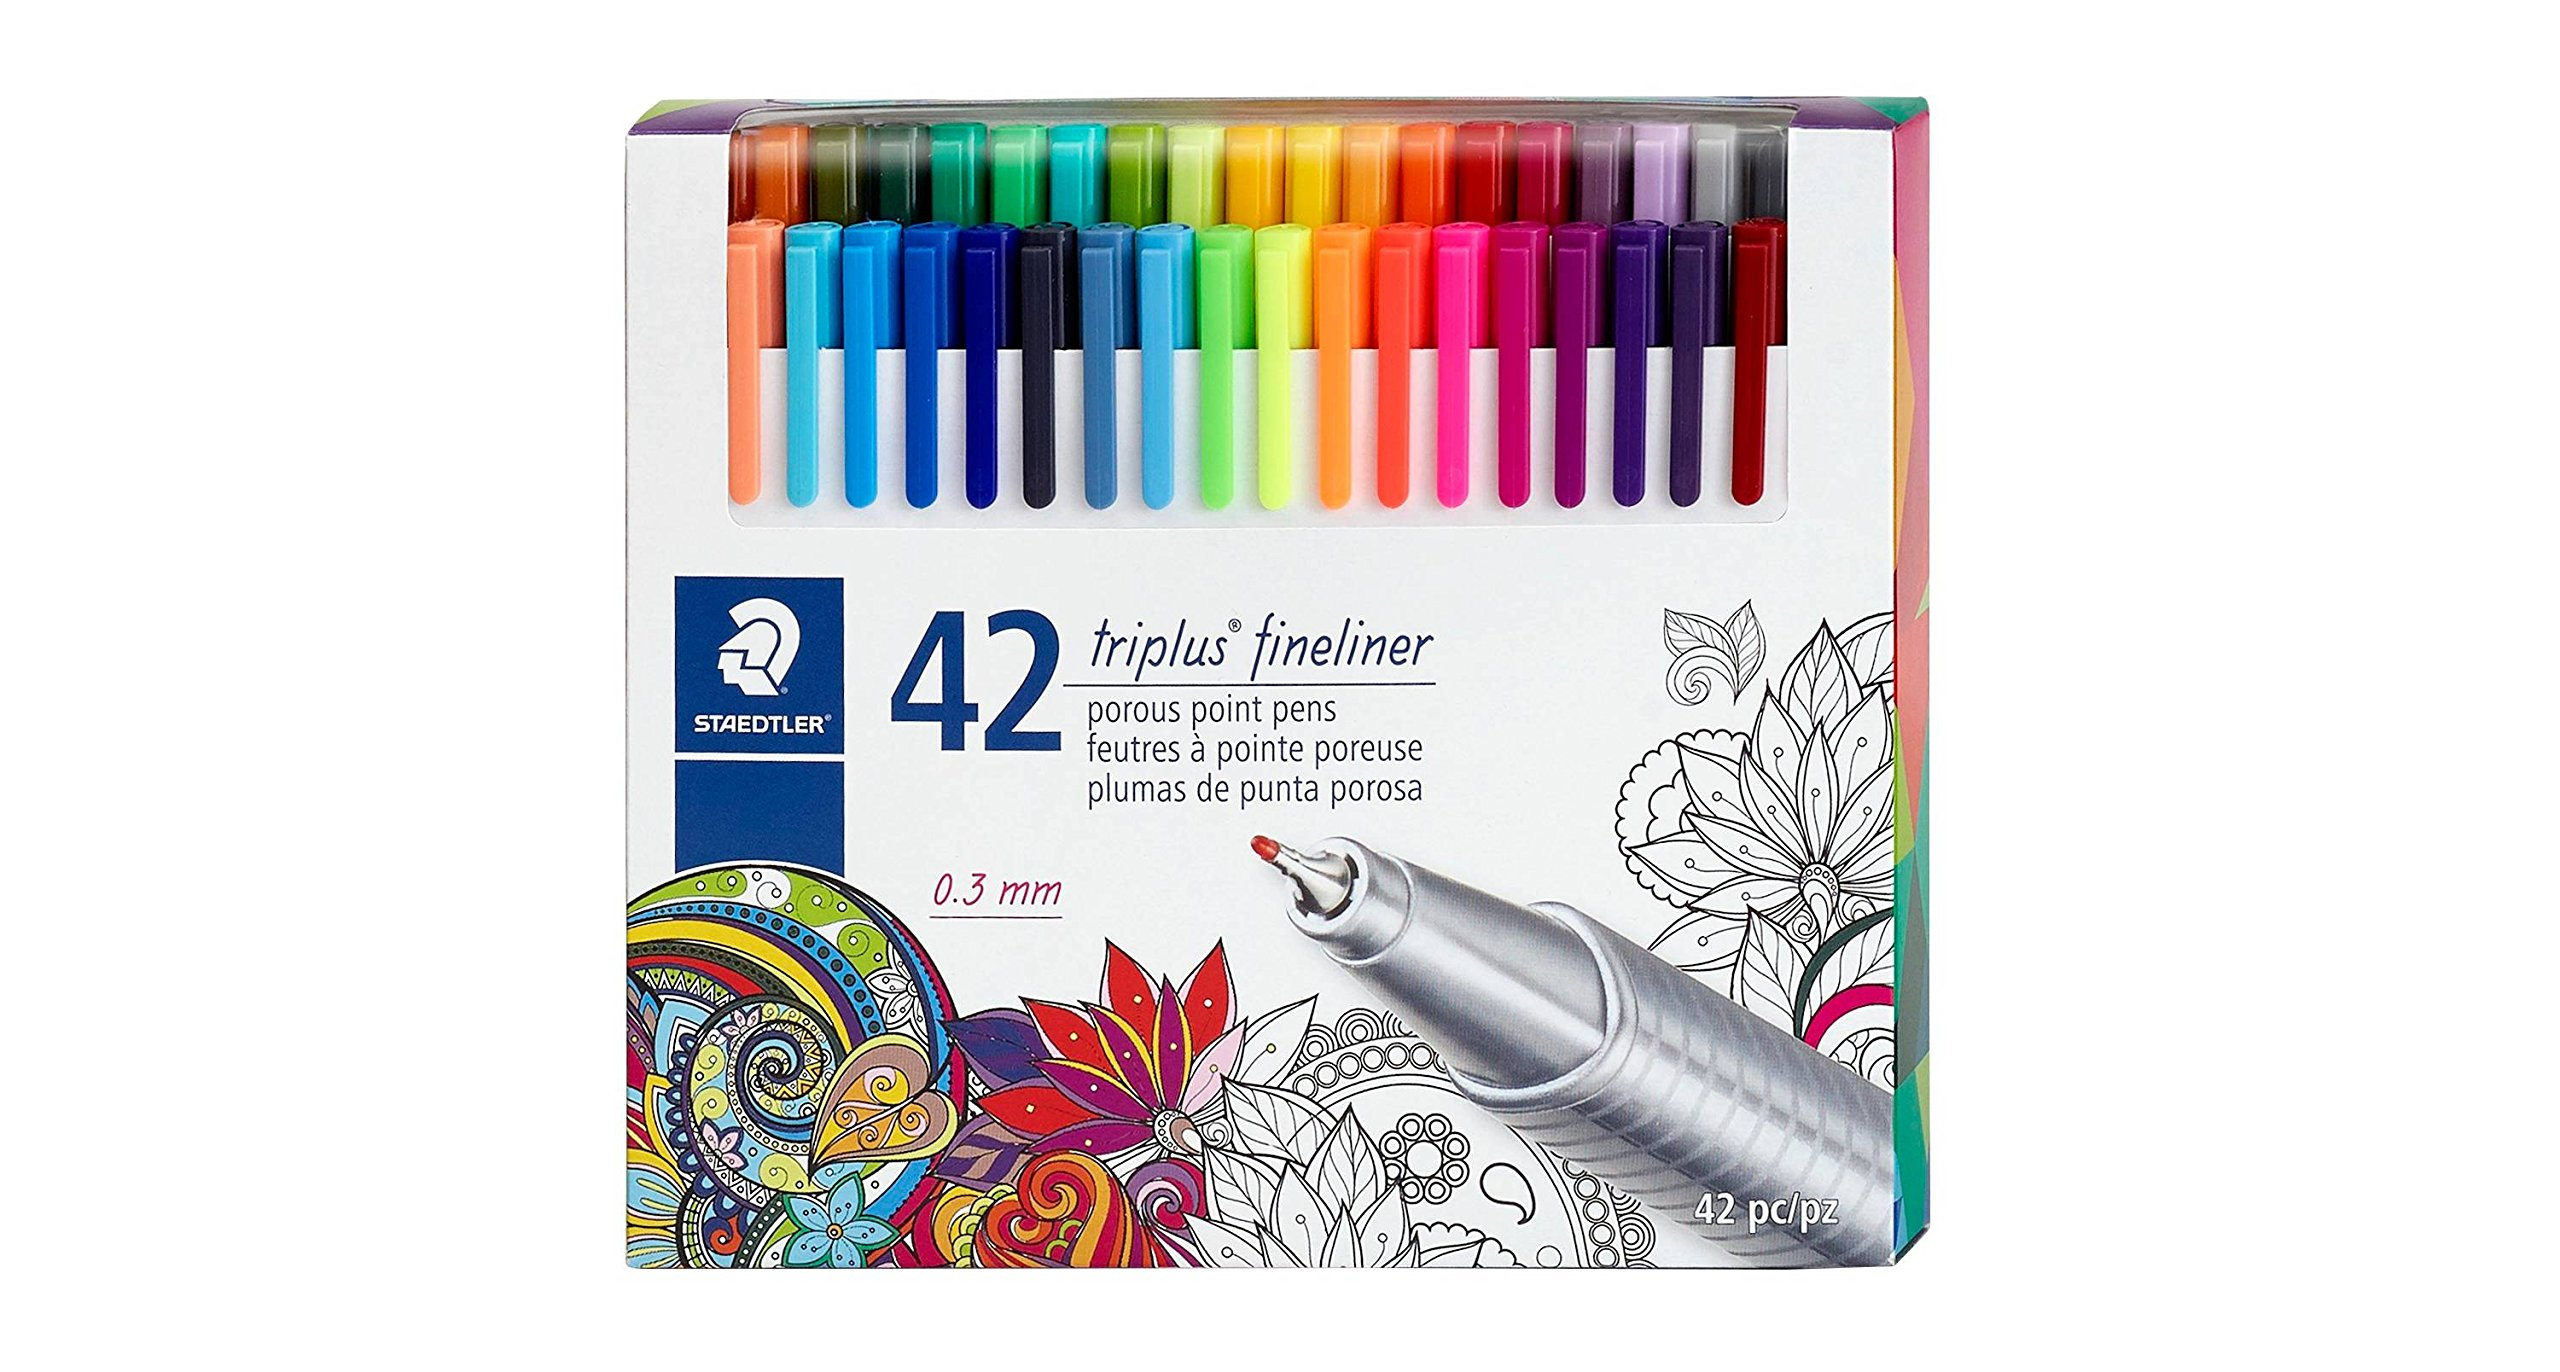 Staedtler174; triplus174; Fineliner Marker Pens, 42ct Multi-Colored